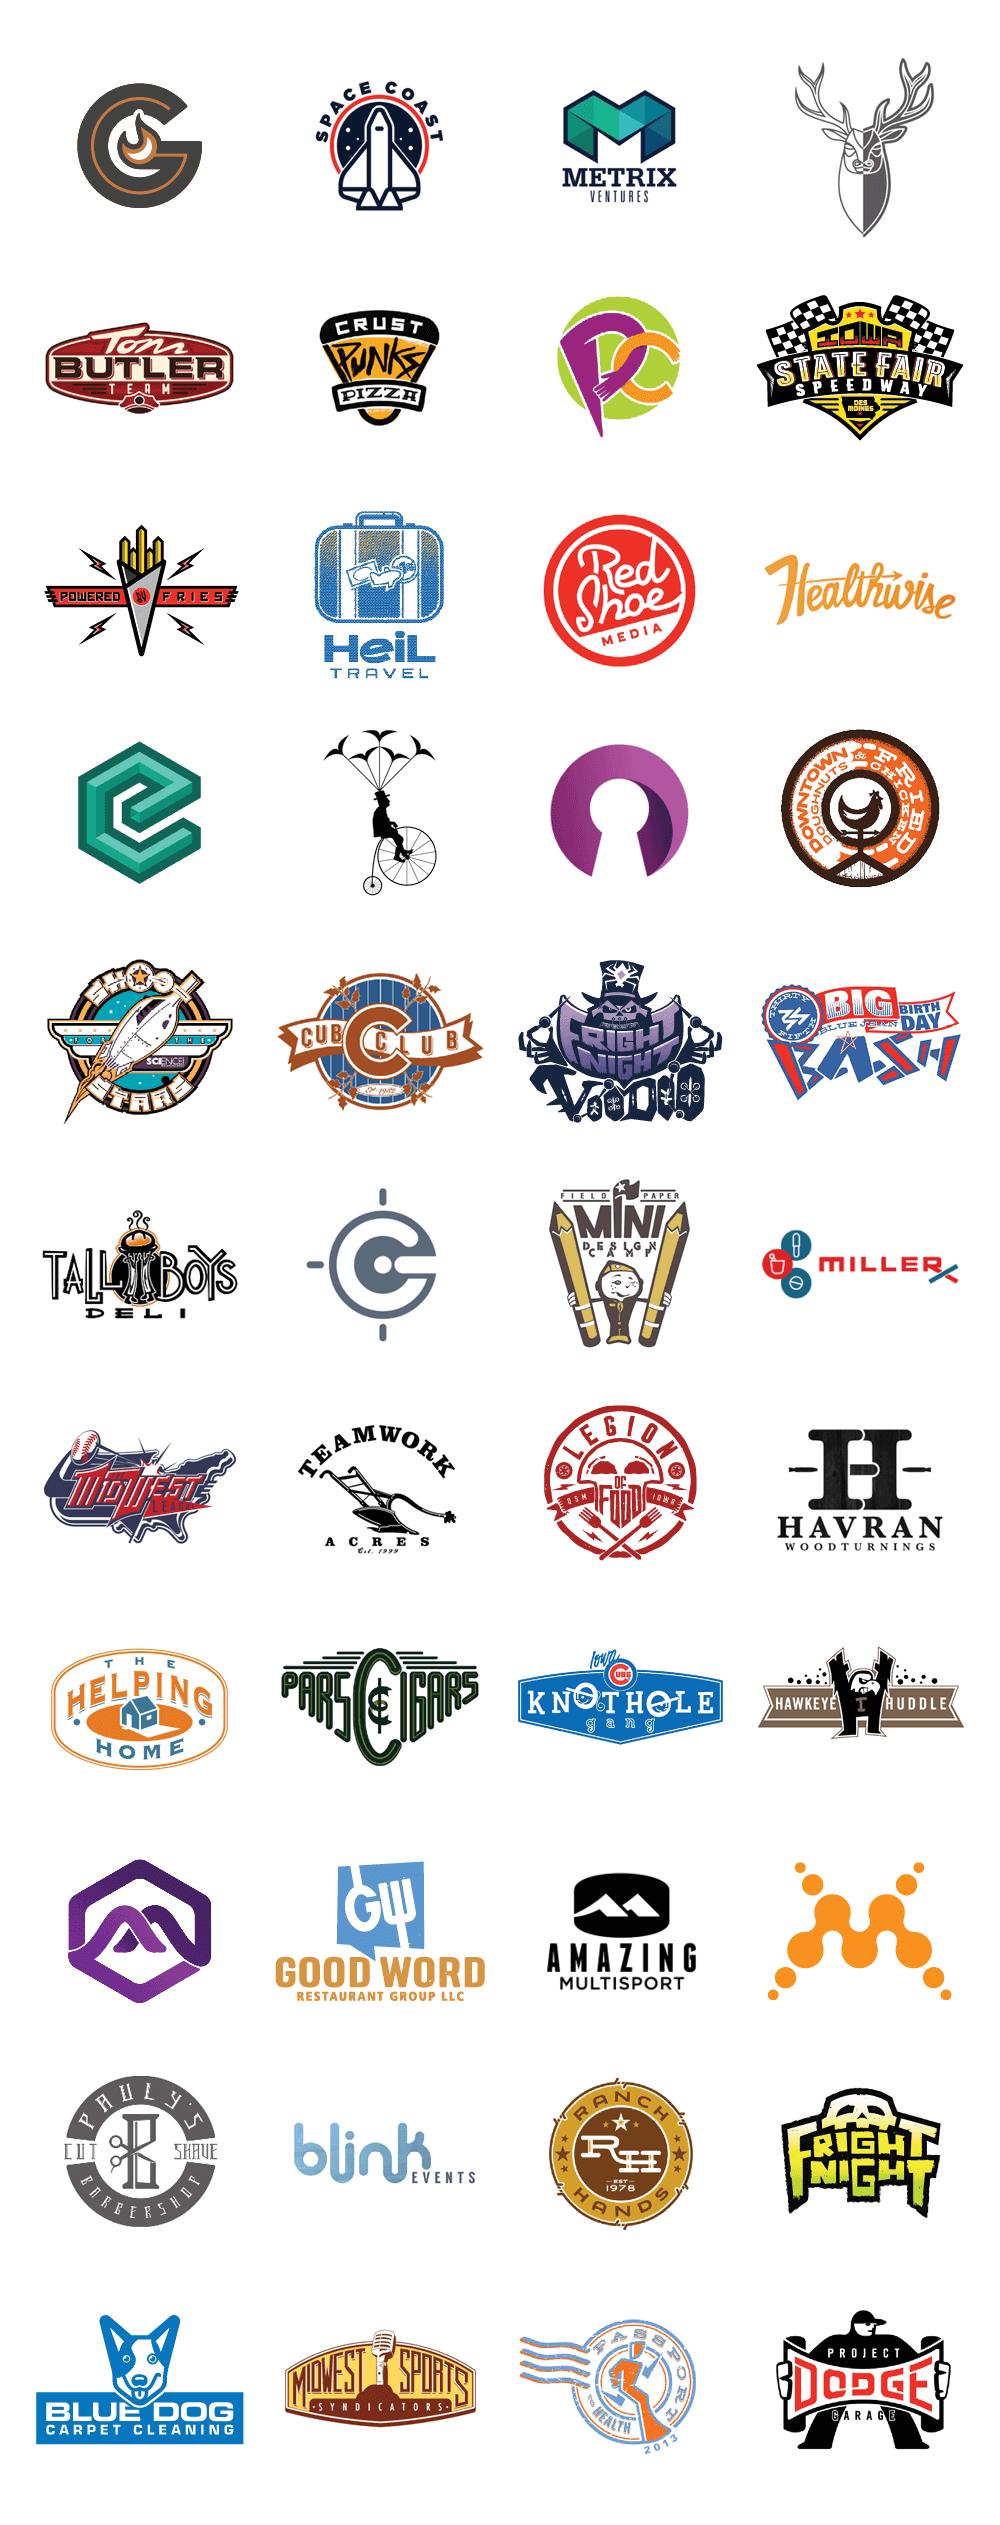 Farmboy Logos and Marks